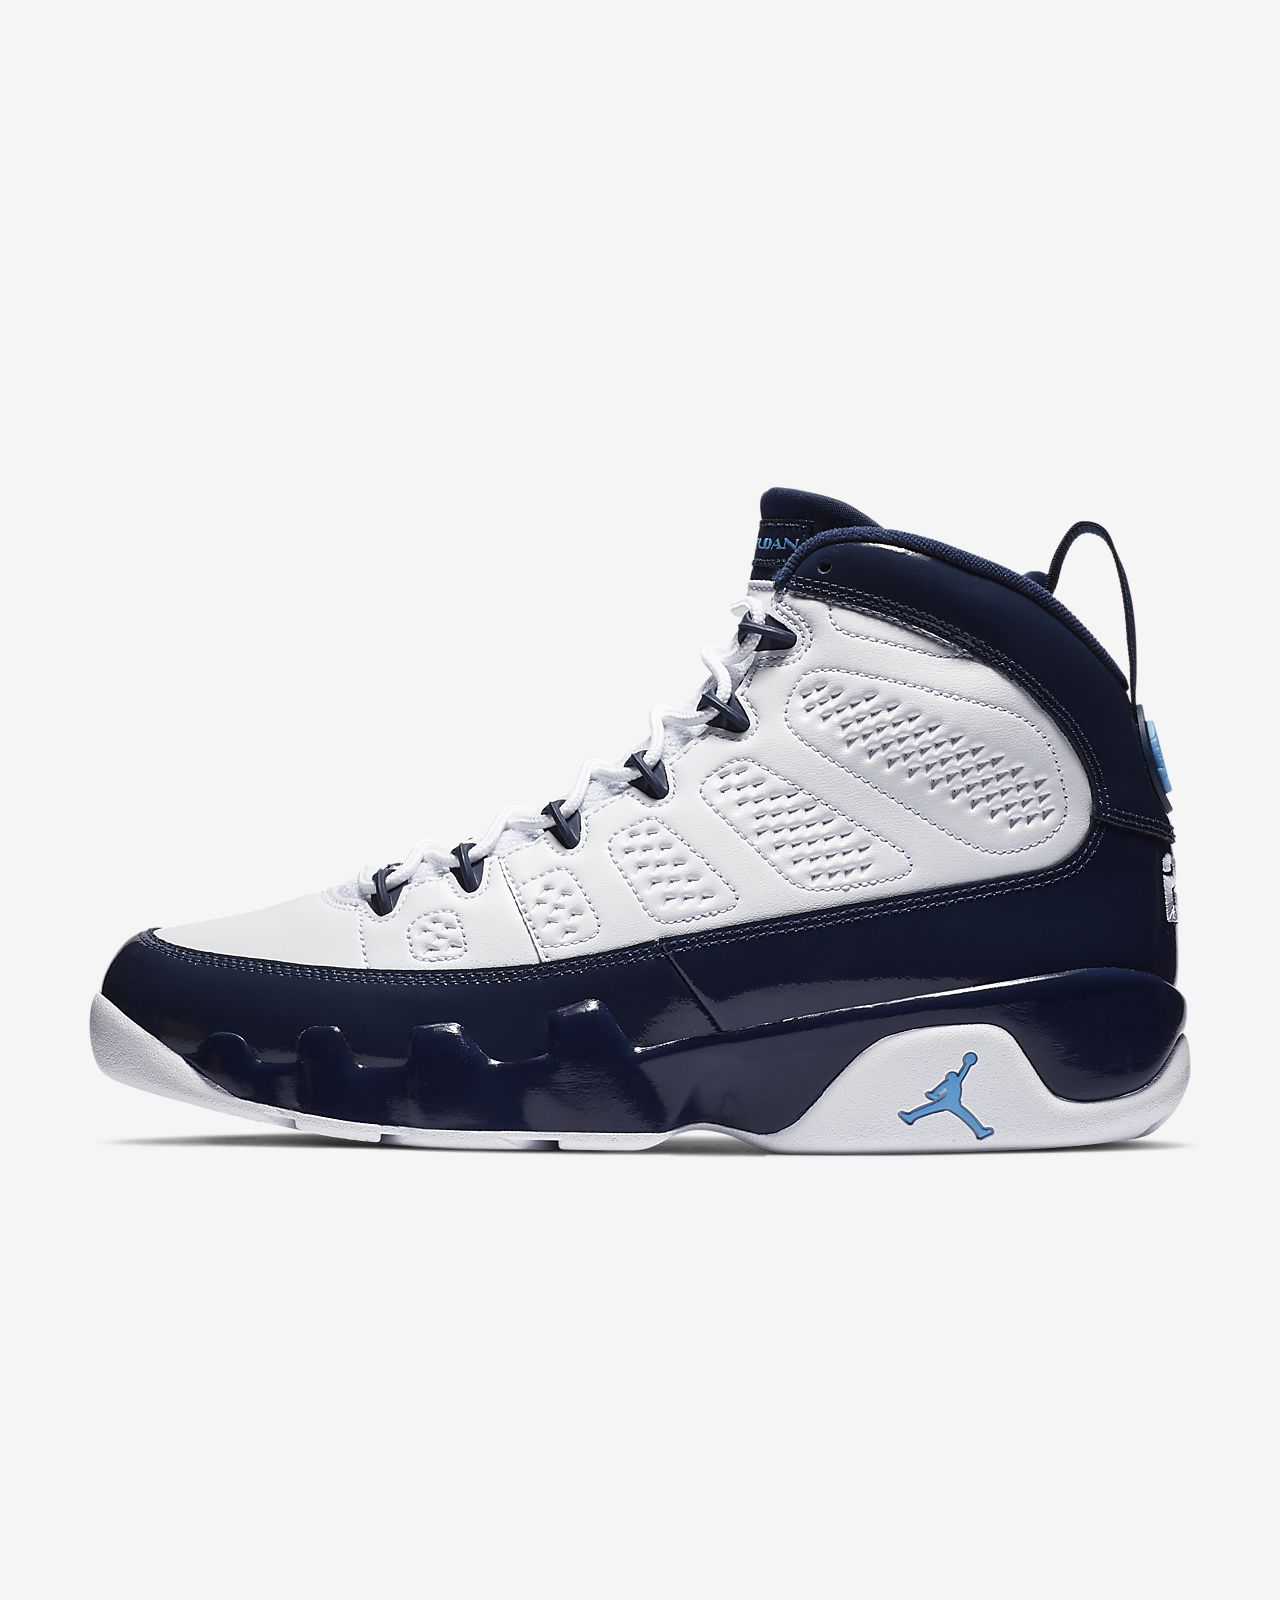 Air Jordan 9 Retro 男鞋